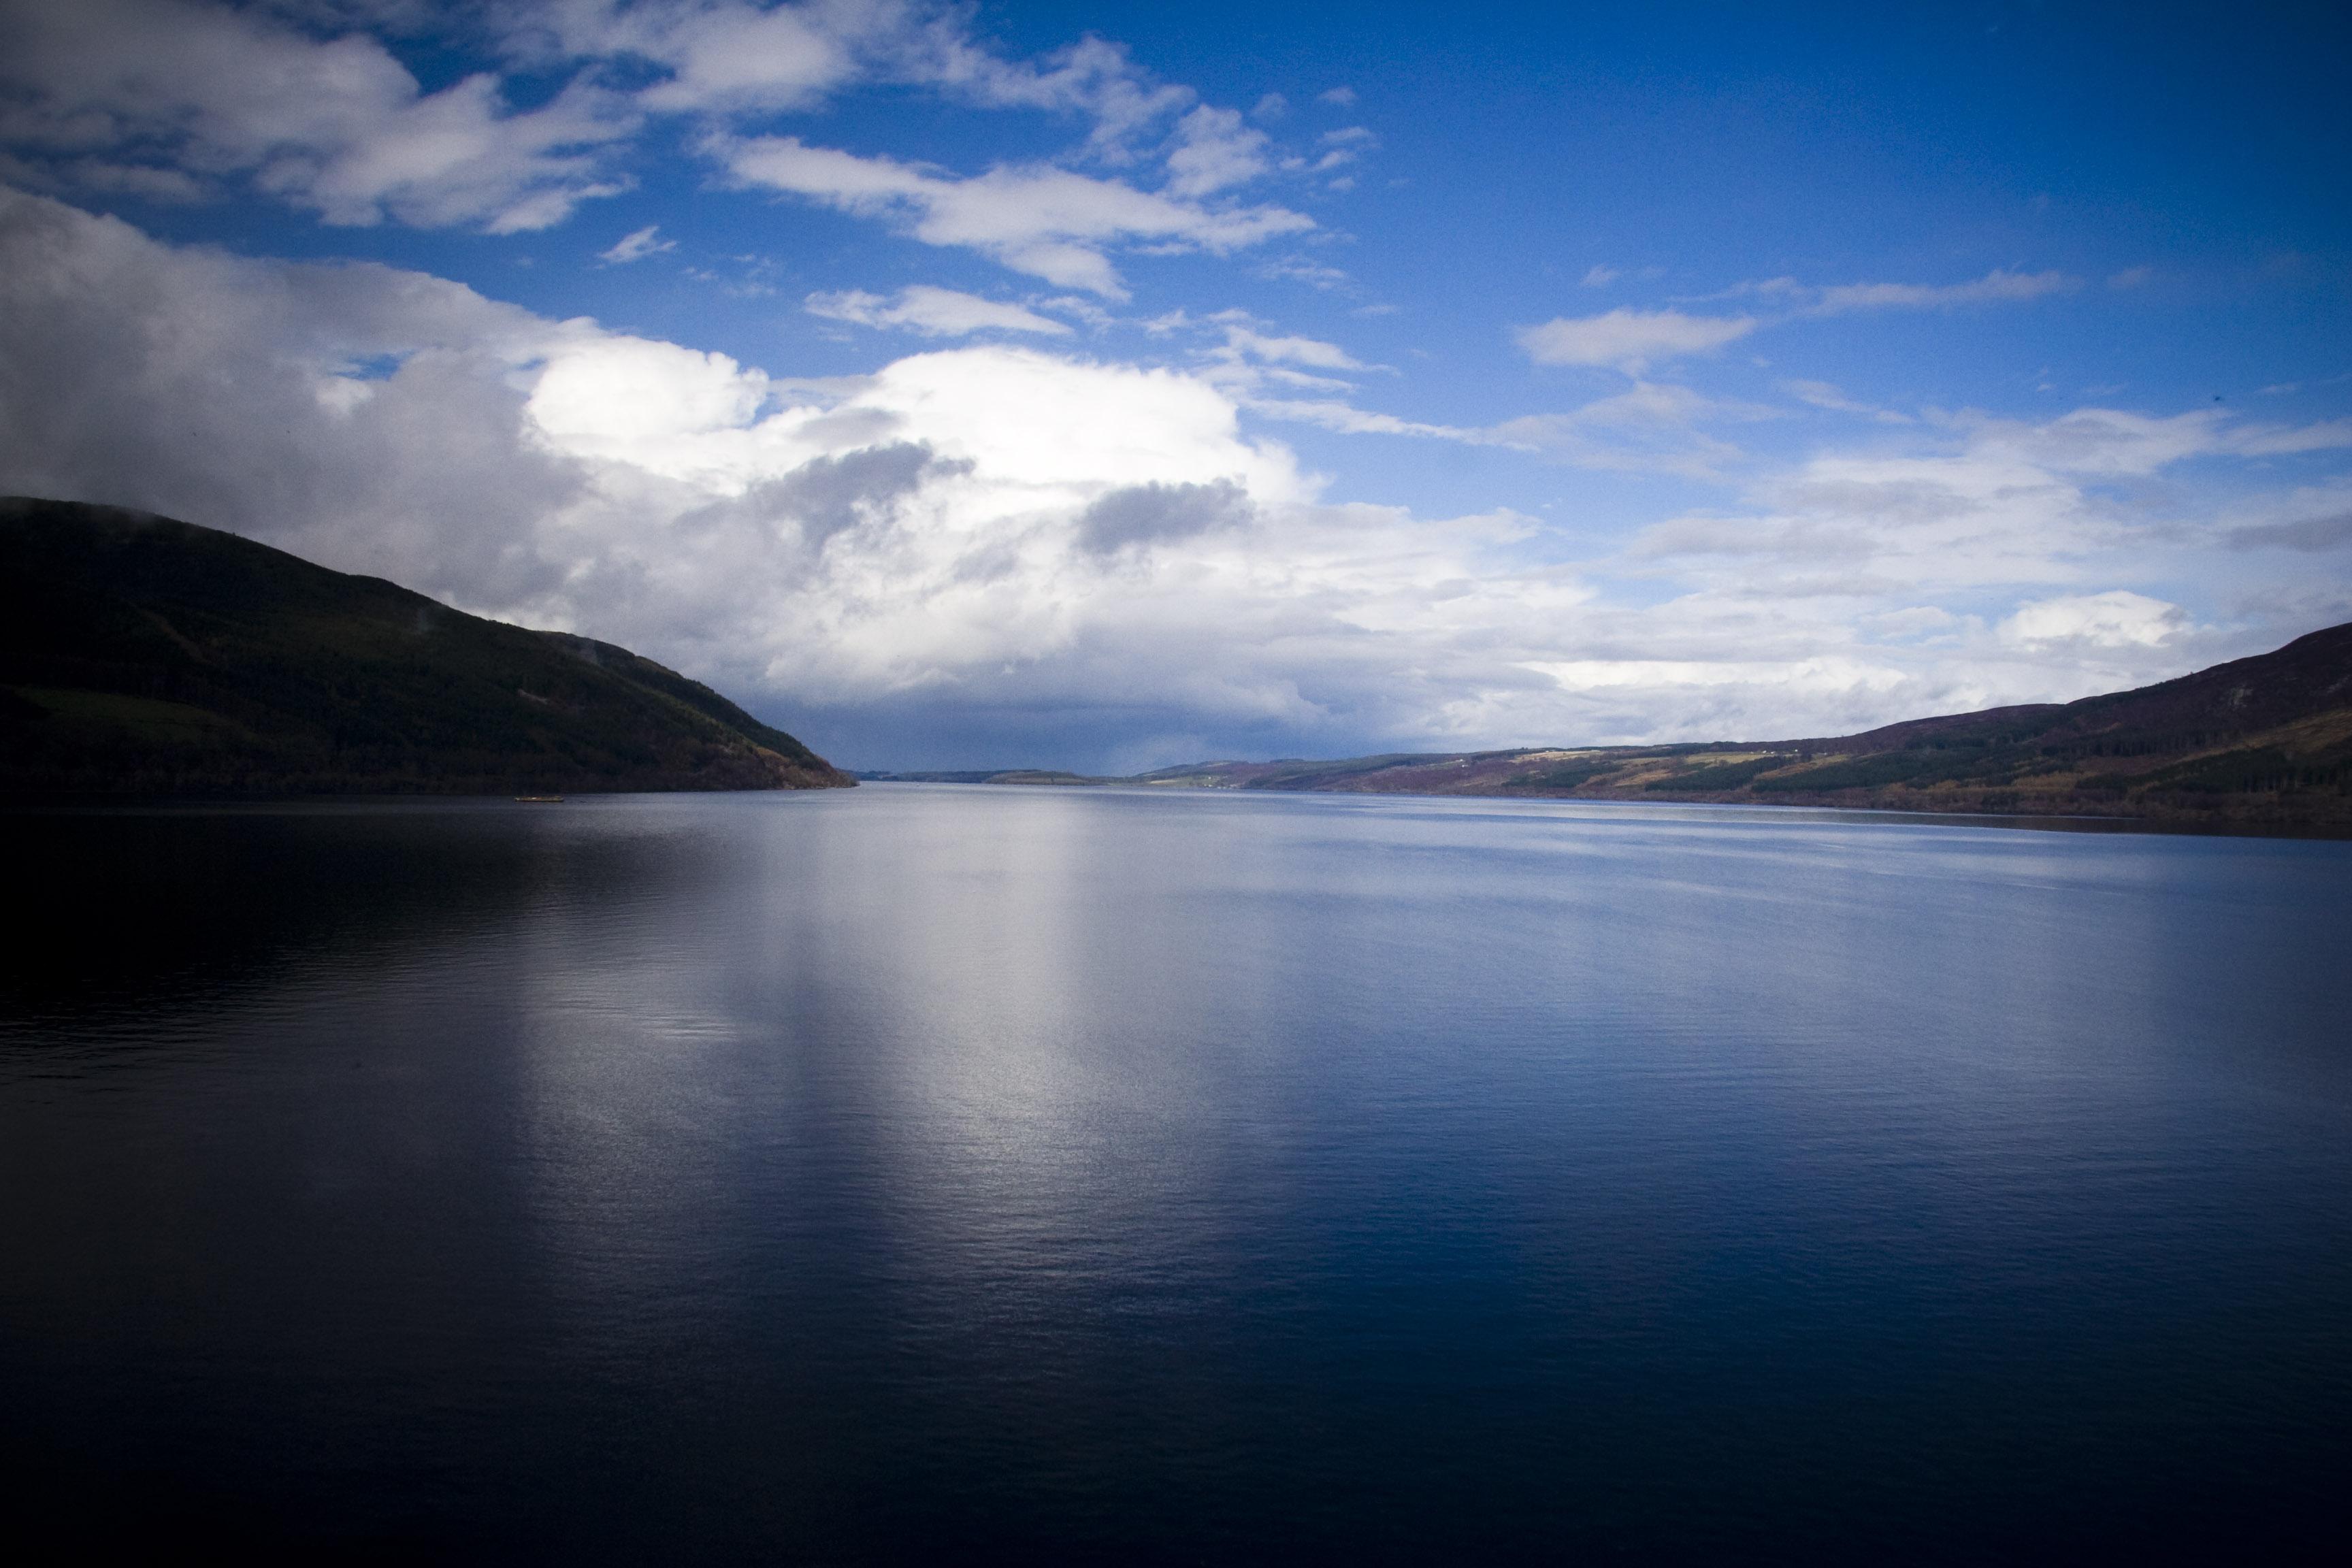 Hành trình du lịch Anh - Scotland 10N9Đ - Hồ Loch Ness